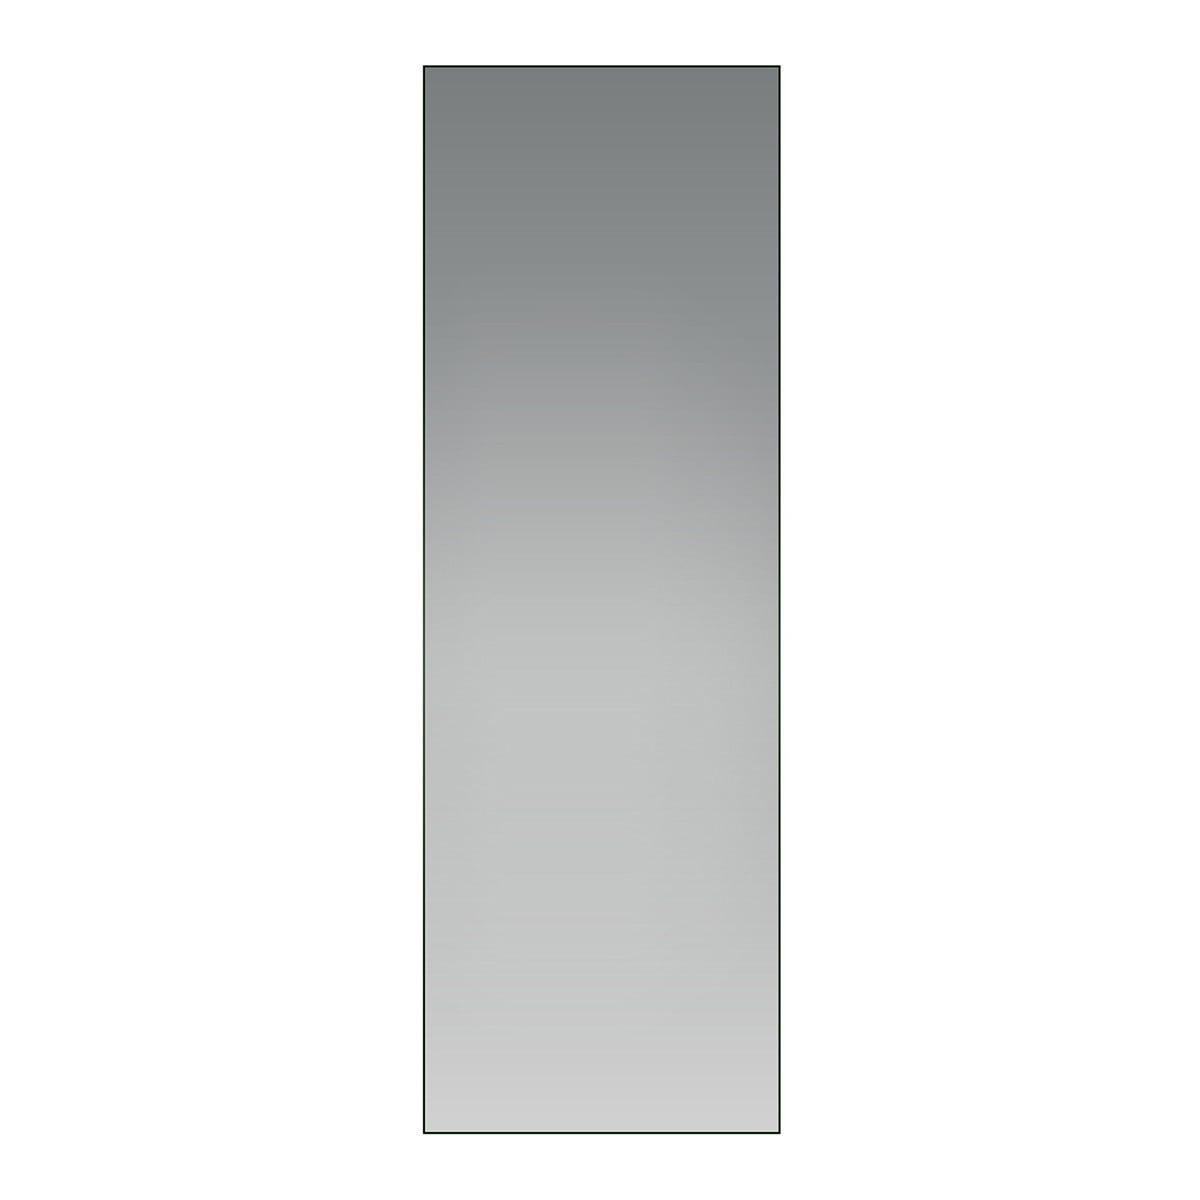 Specchio Bricoman